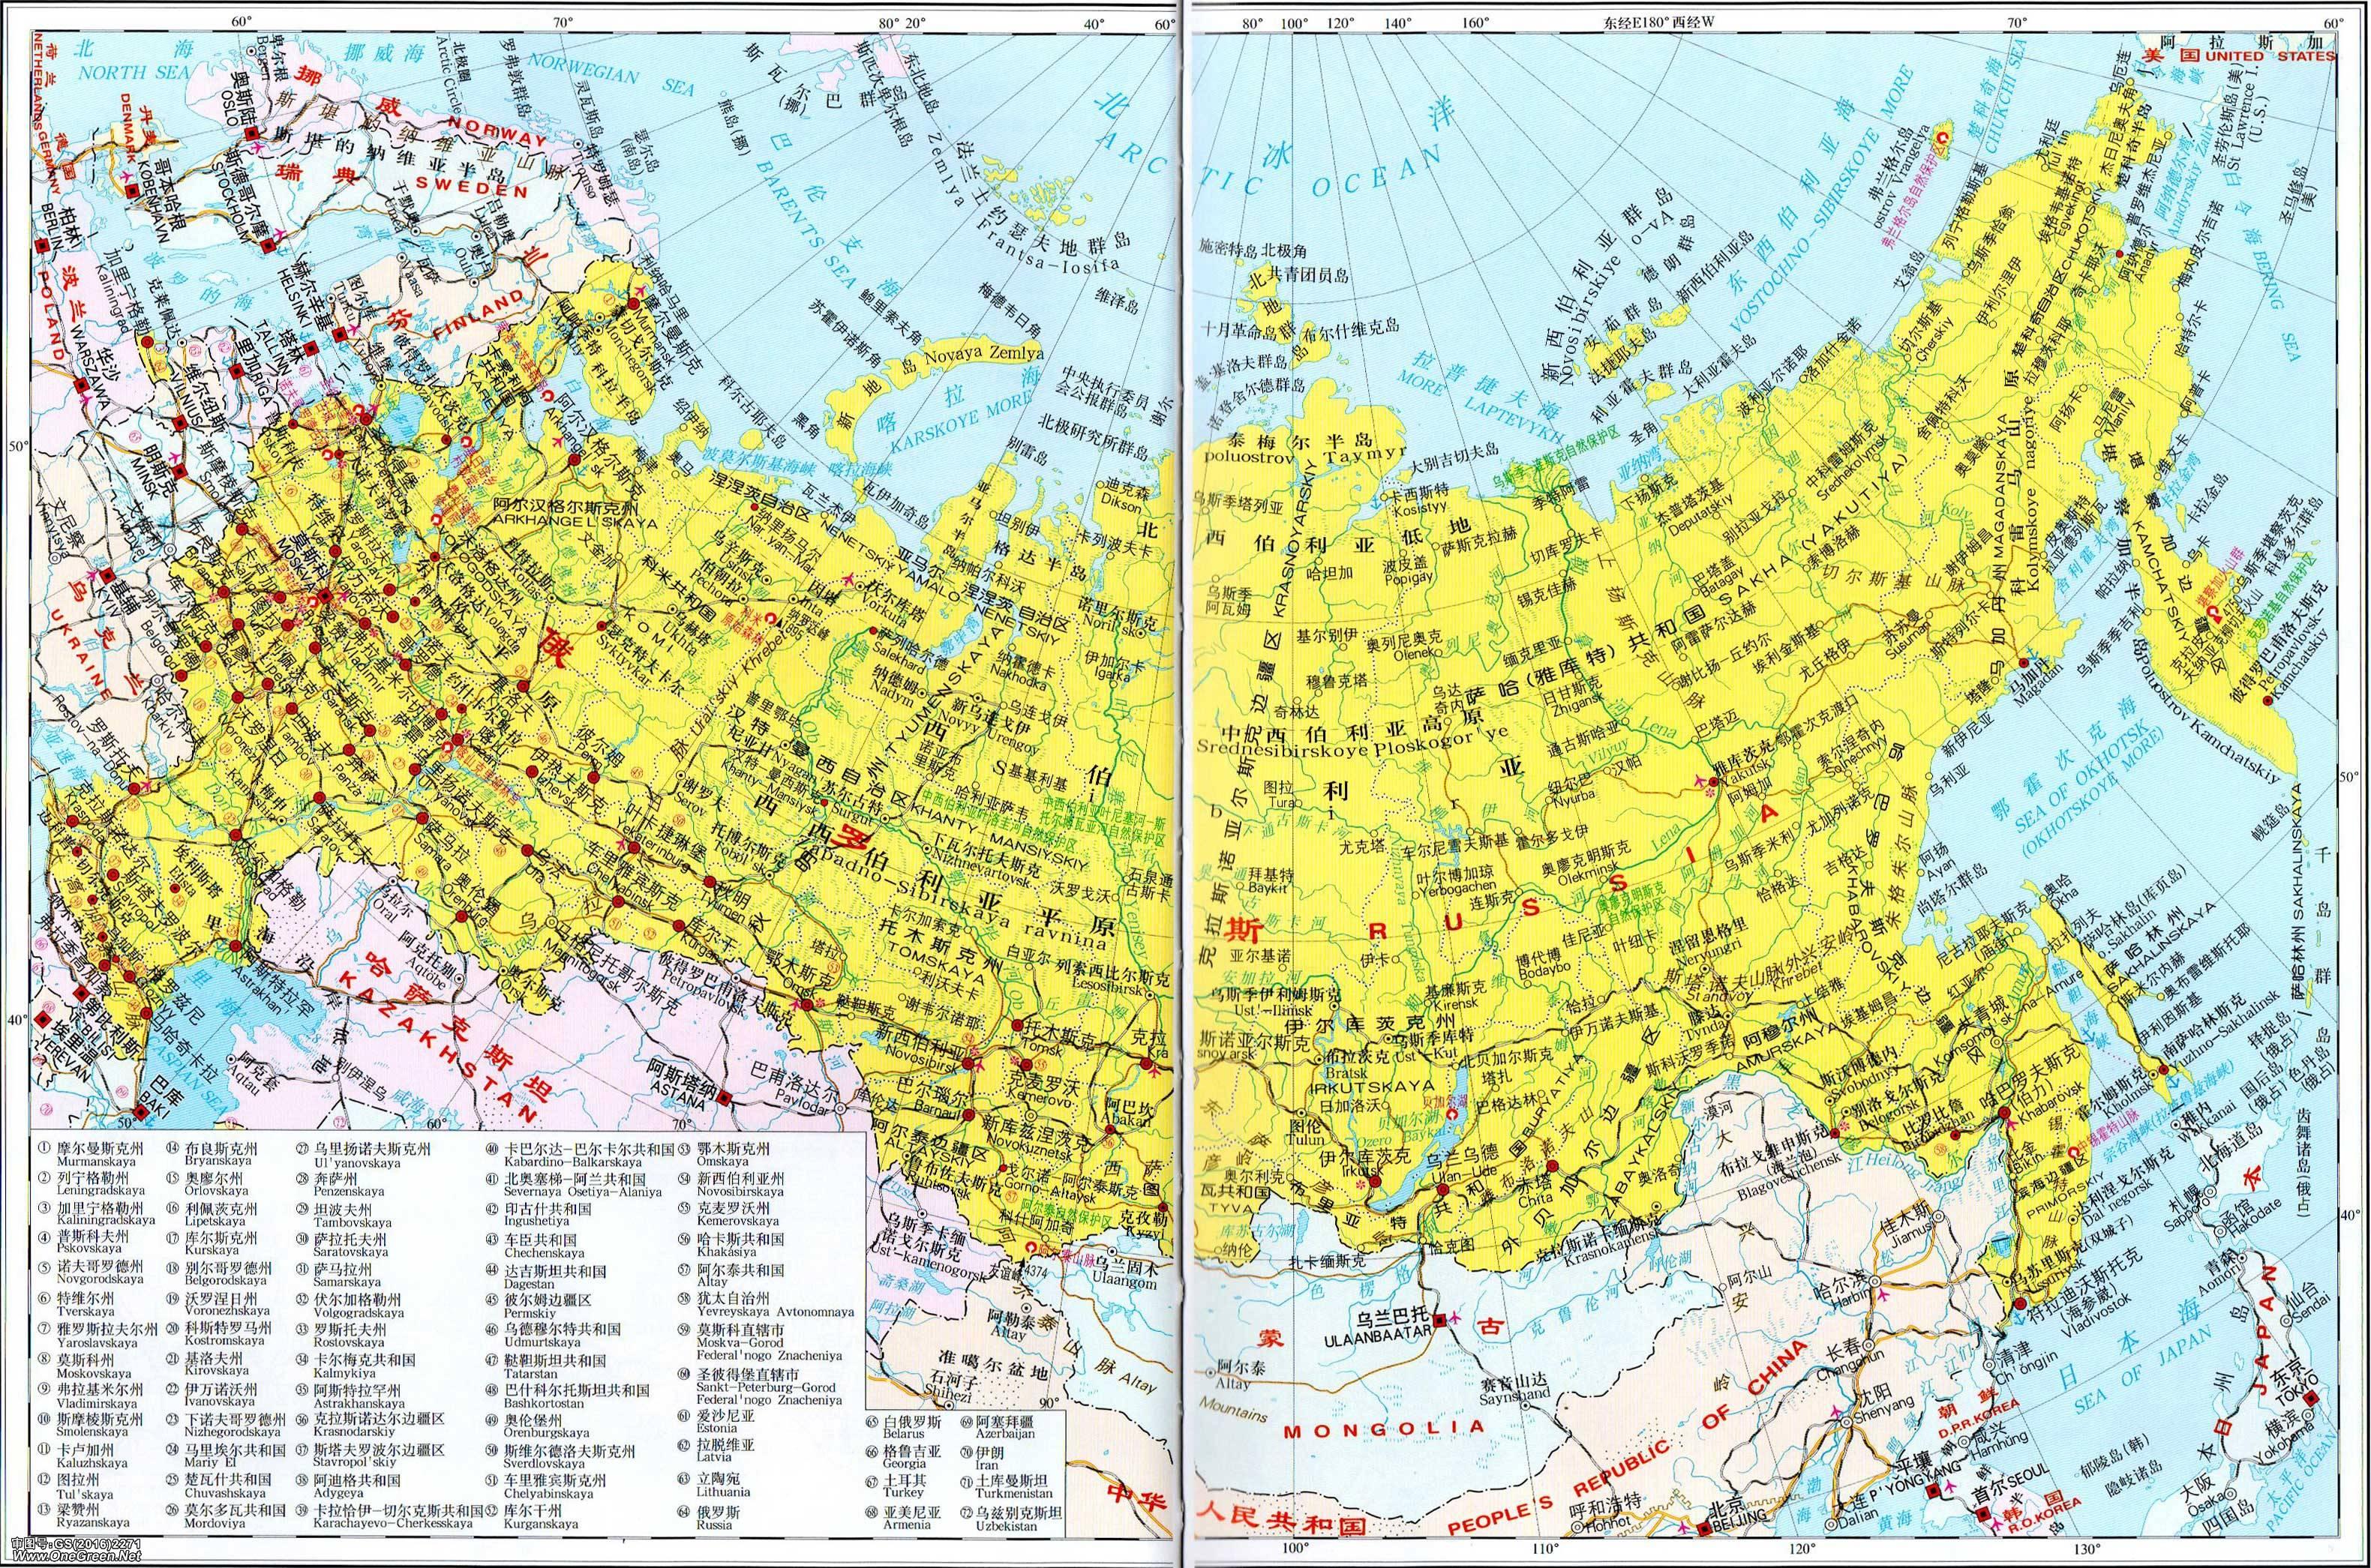 当前位置: 地图查询 > 俄罗斯地图